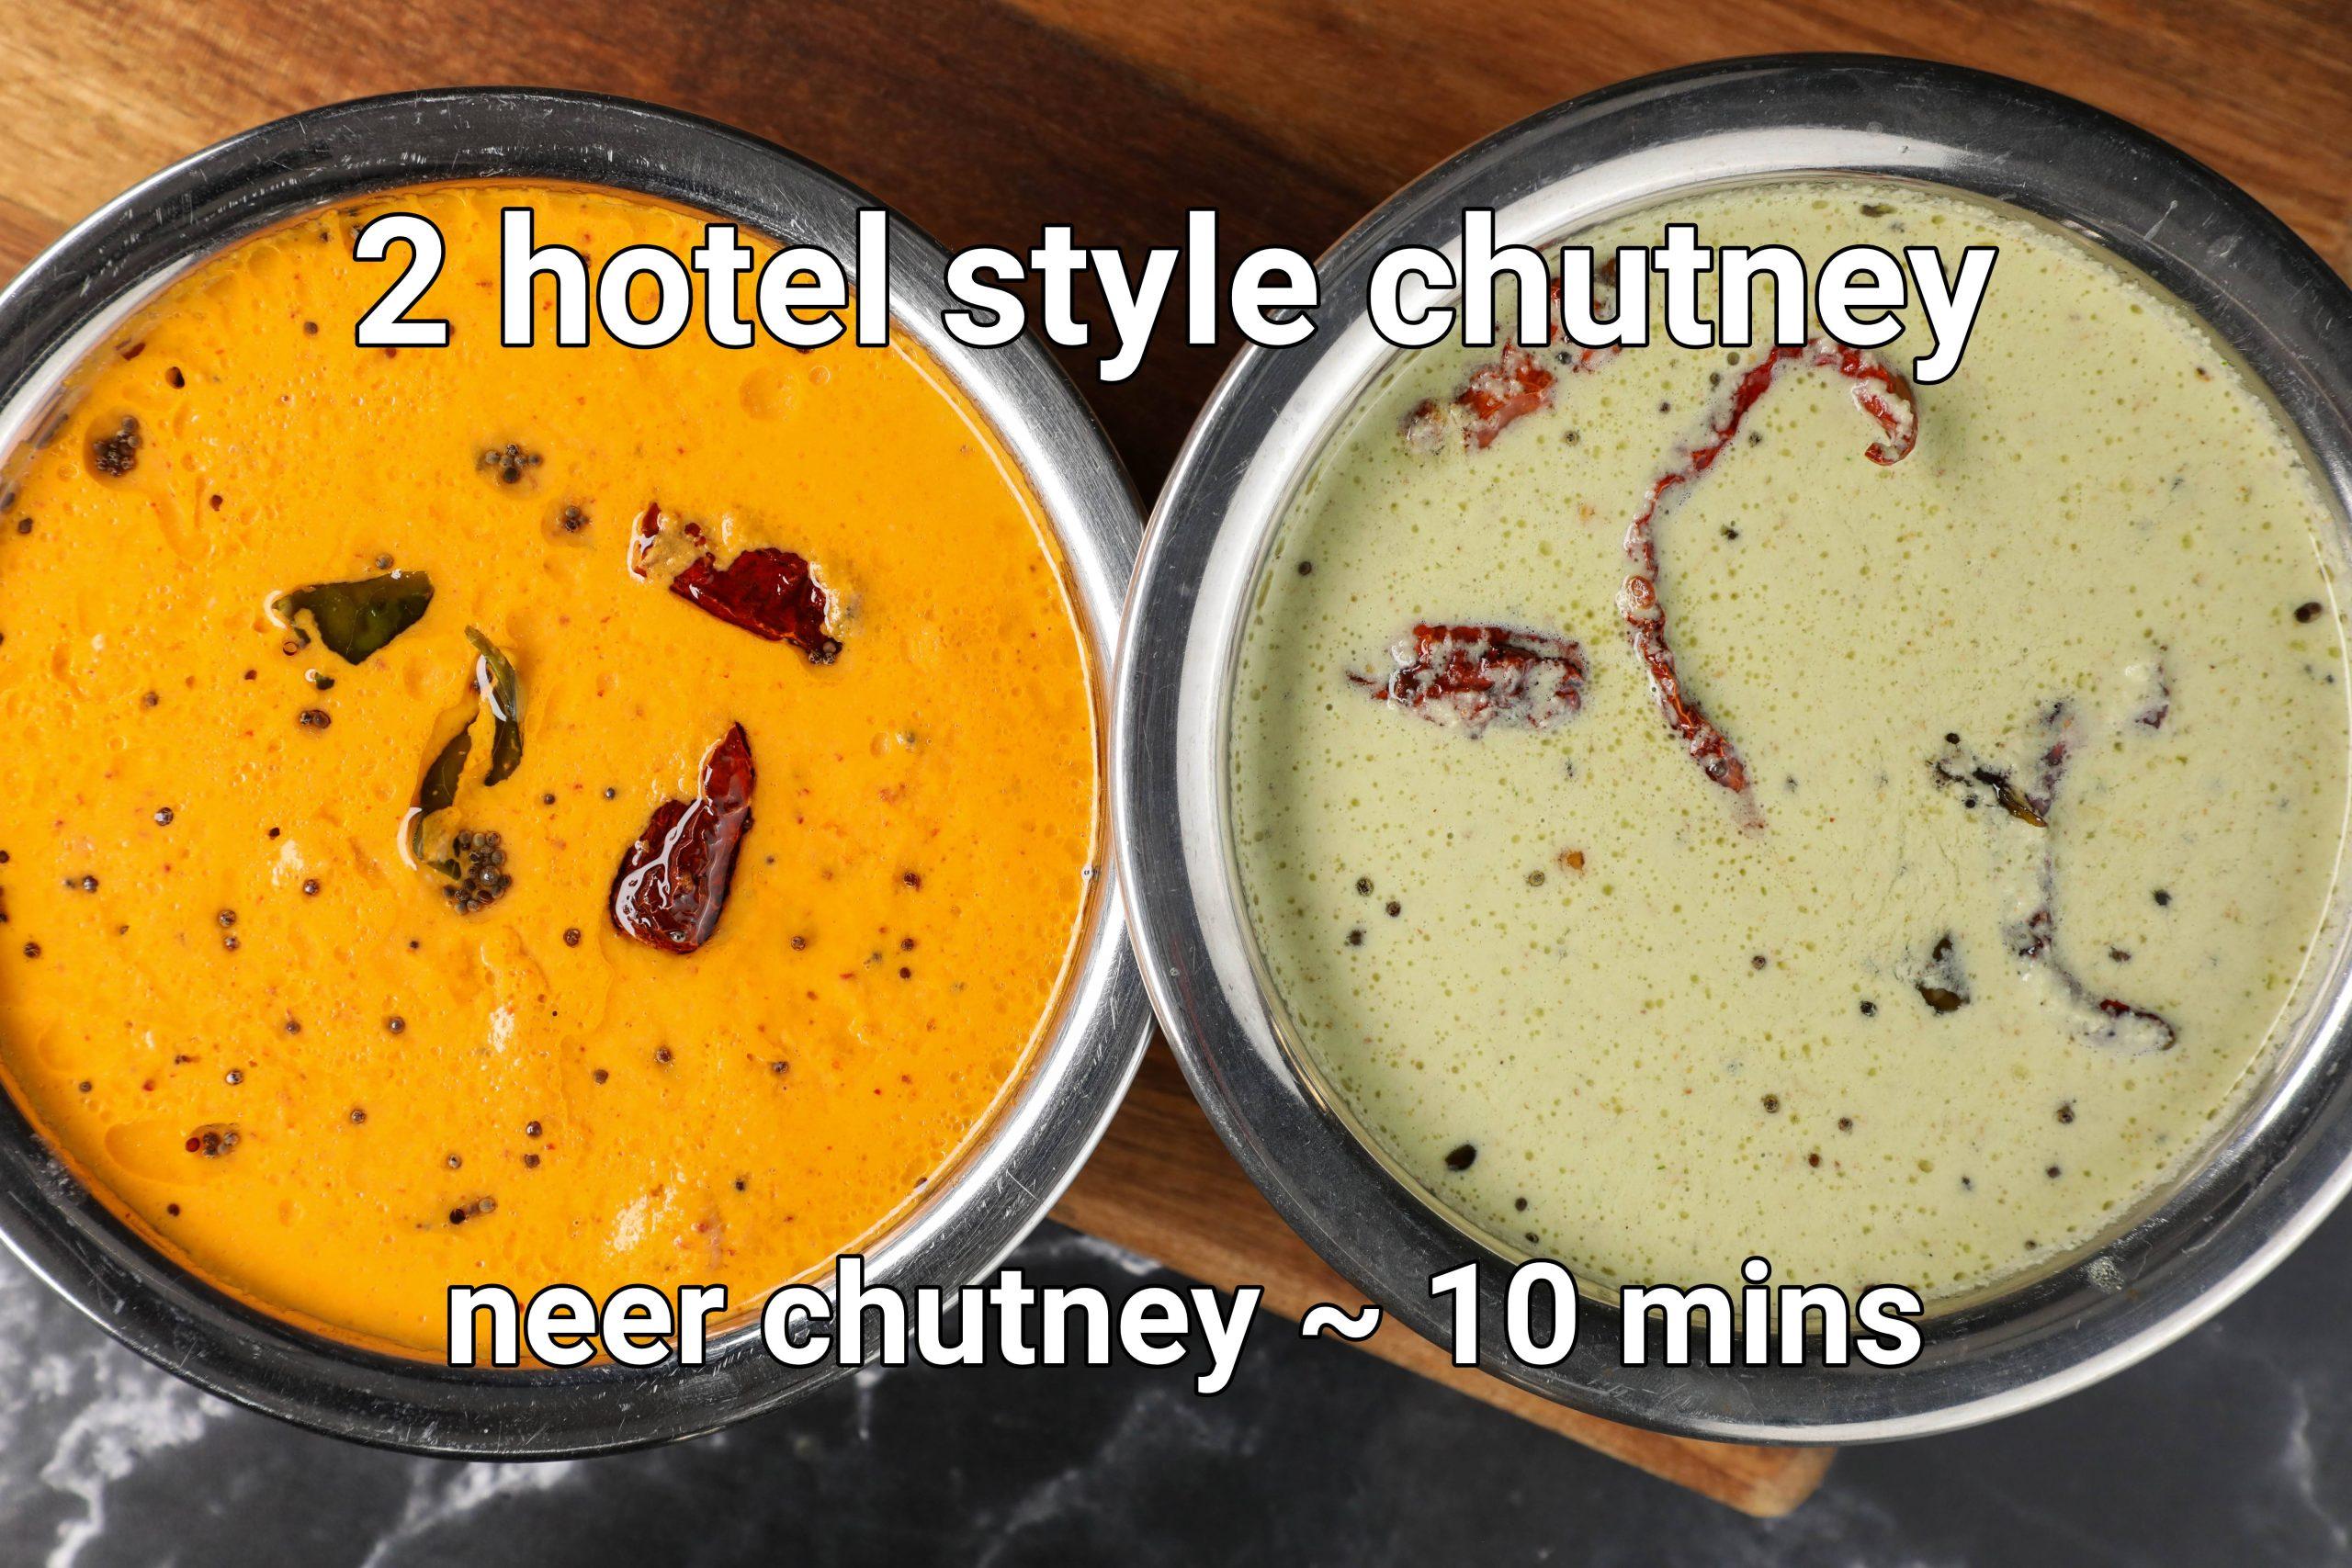 hotel style chutney recipe | coconut chutney hotel style | hotel style red chutney for dosa & idli